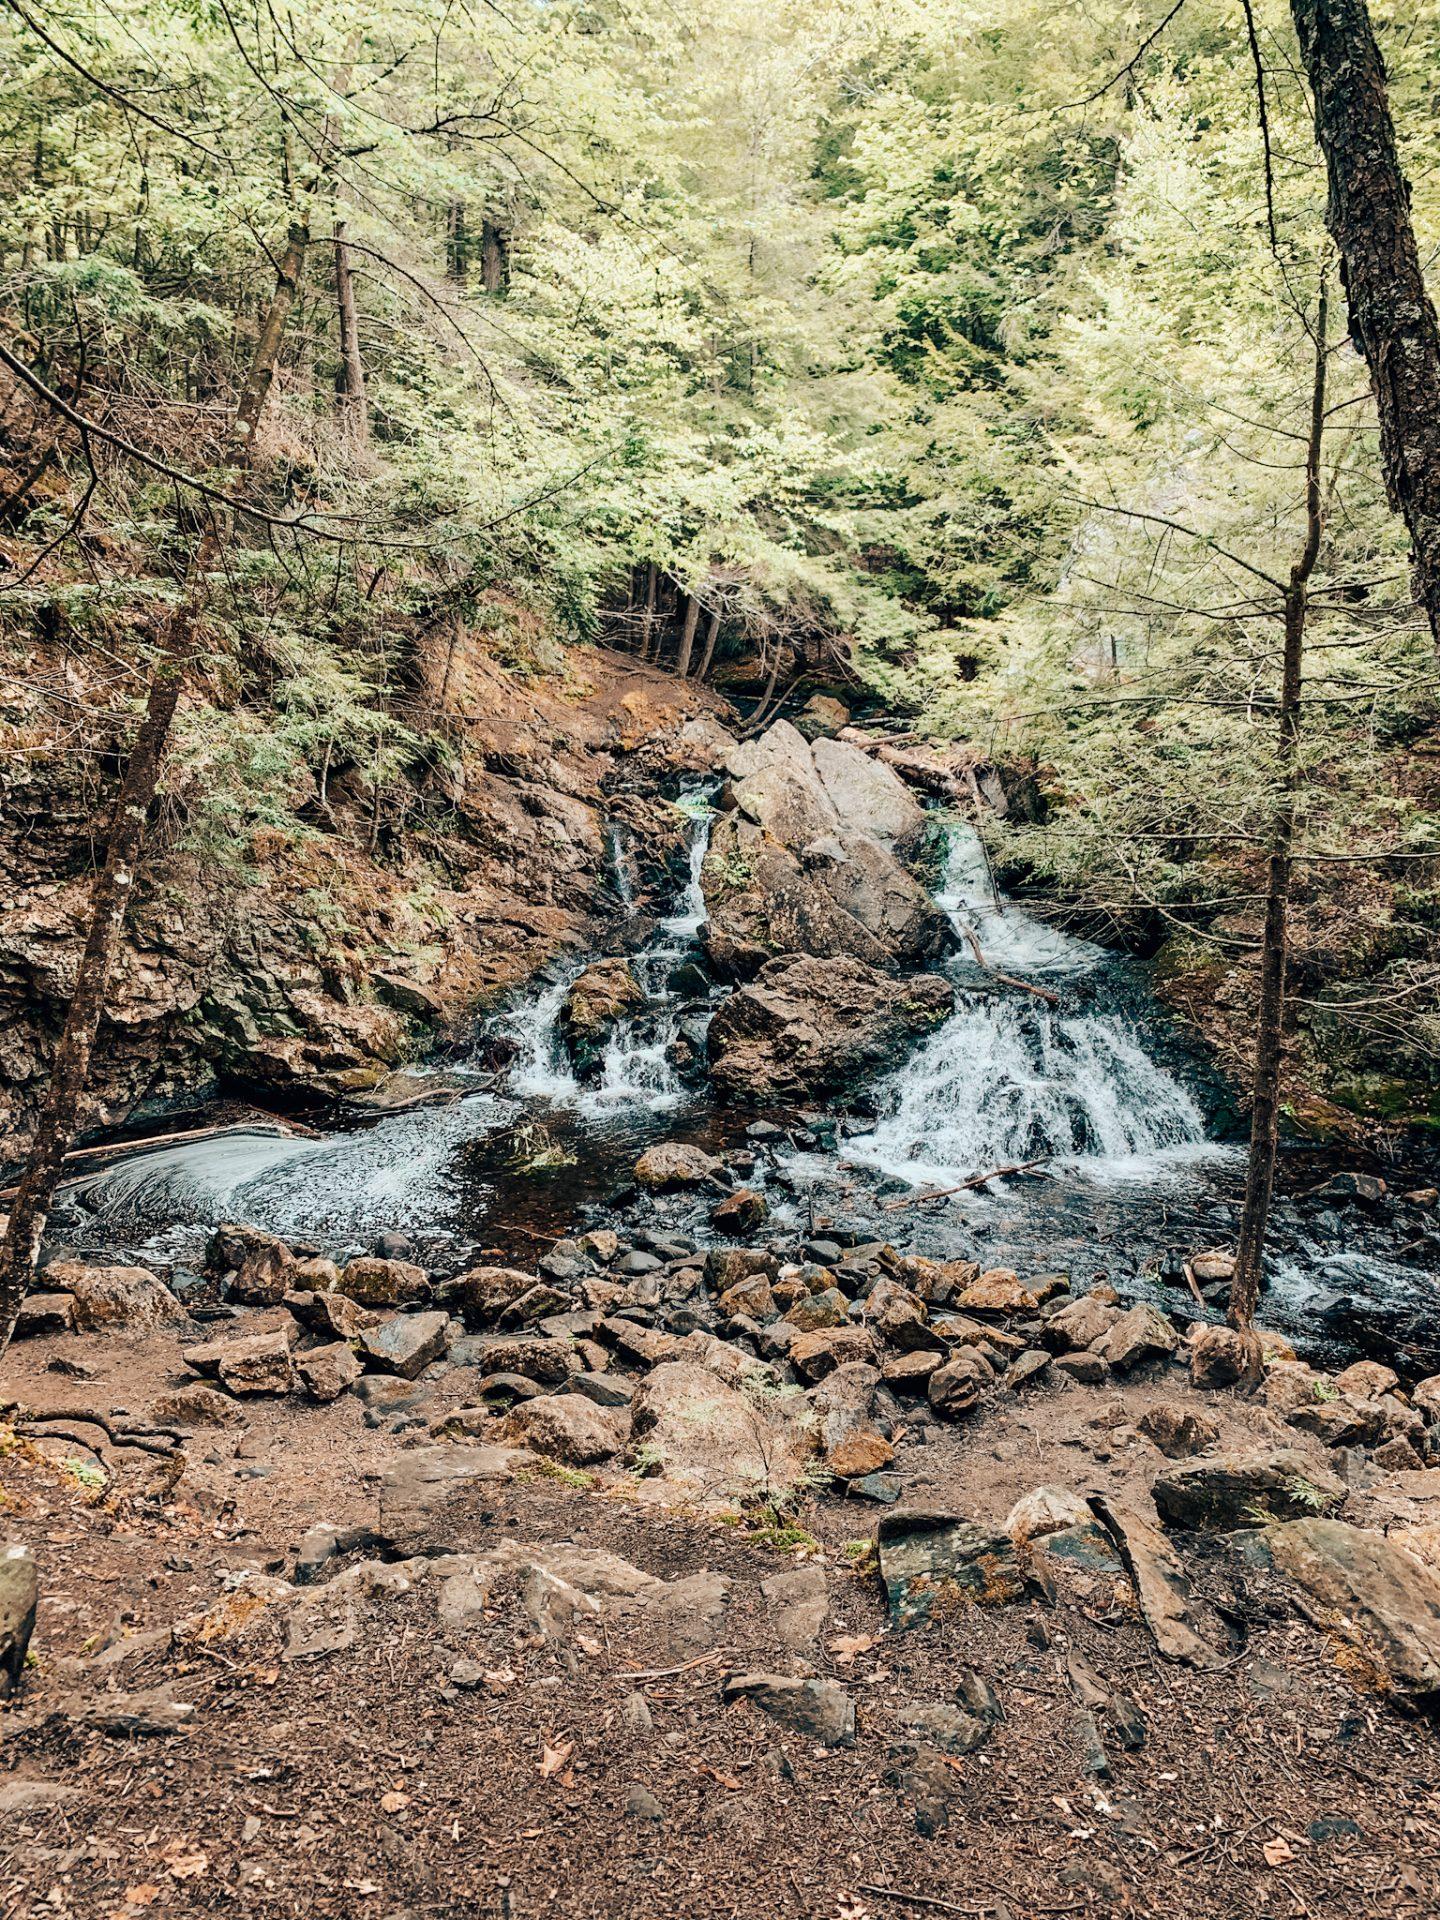 Bear's Den Hike near the Quabbin in Western MA